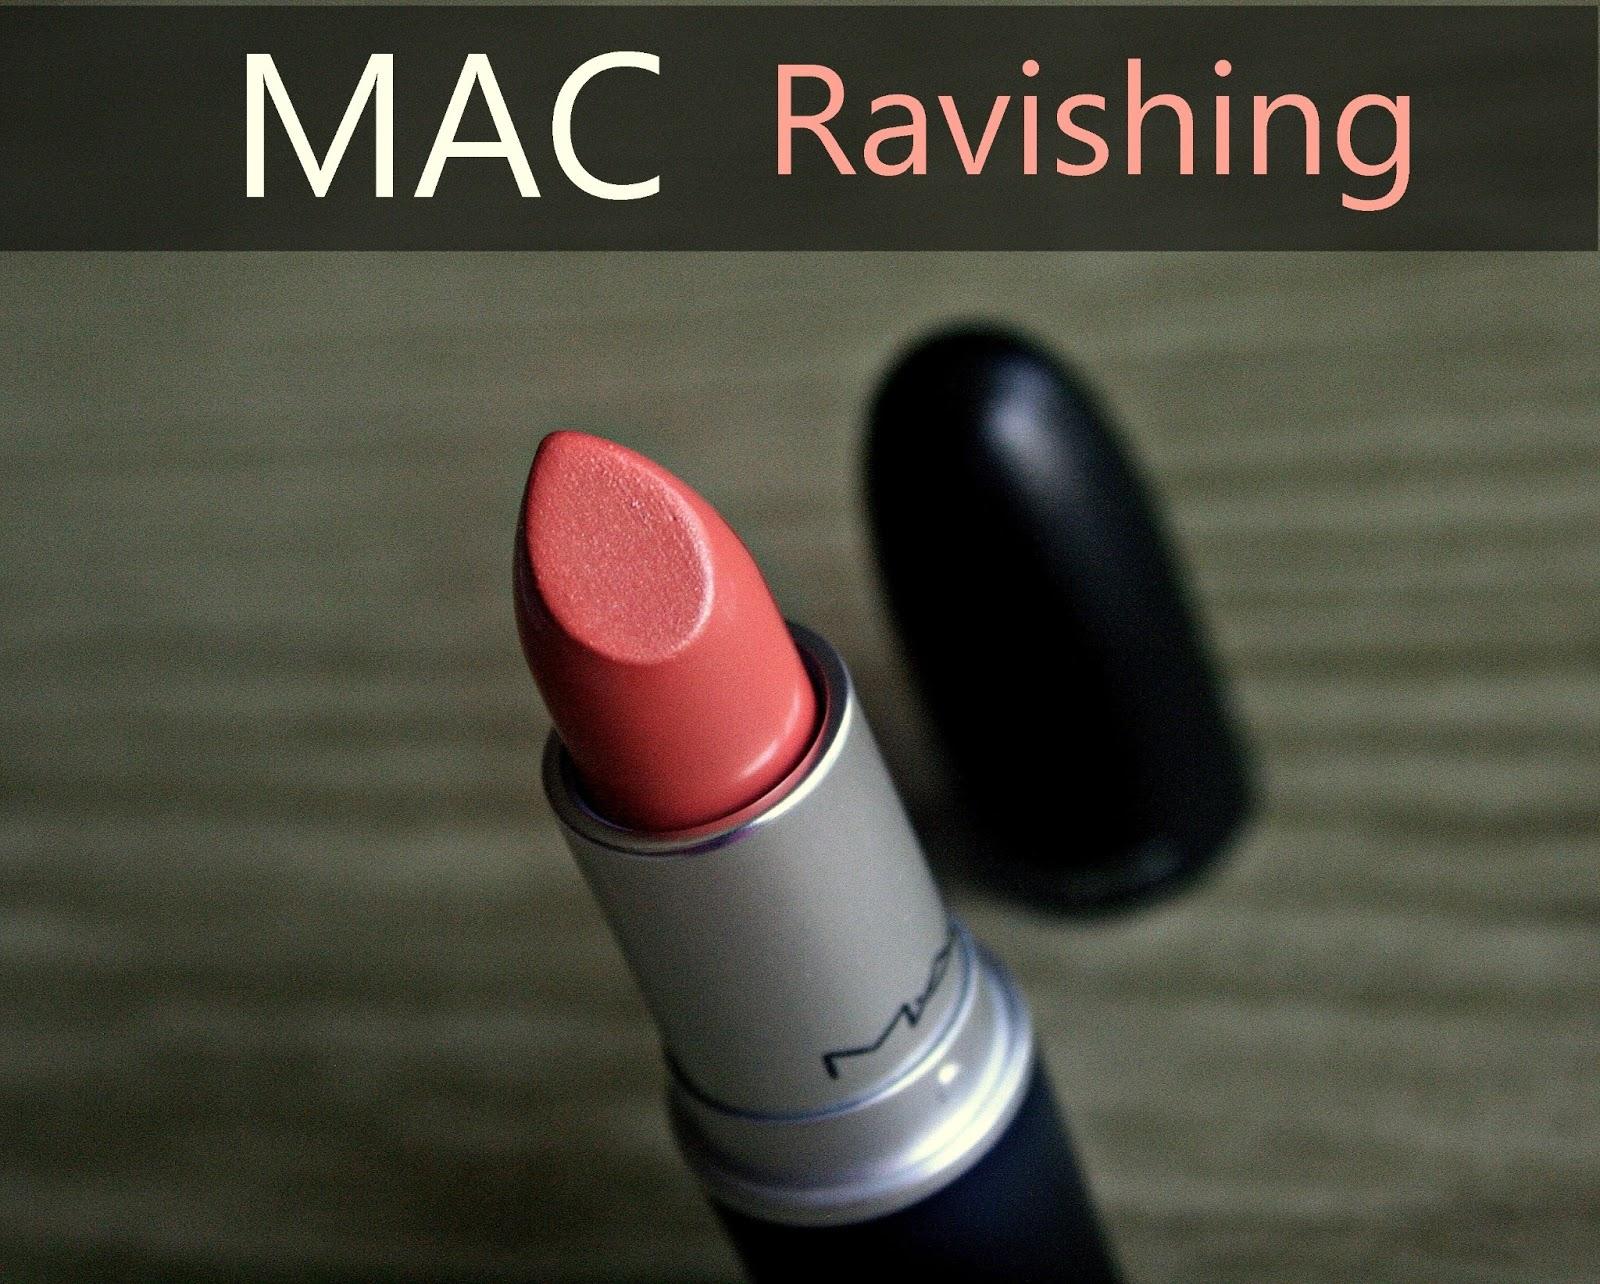 Mac Cremesheen Lipstick Ravishing